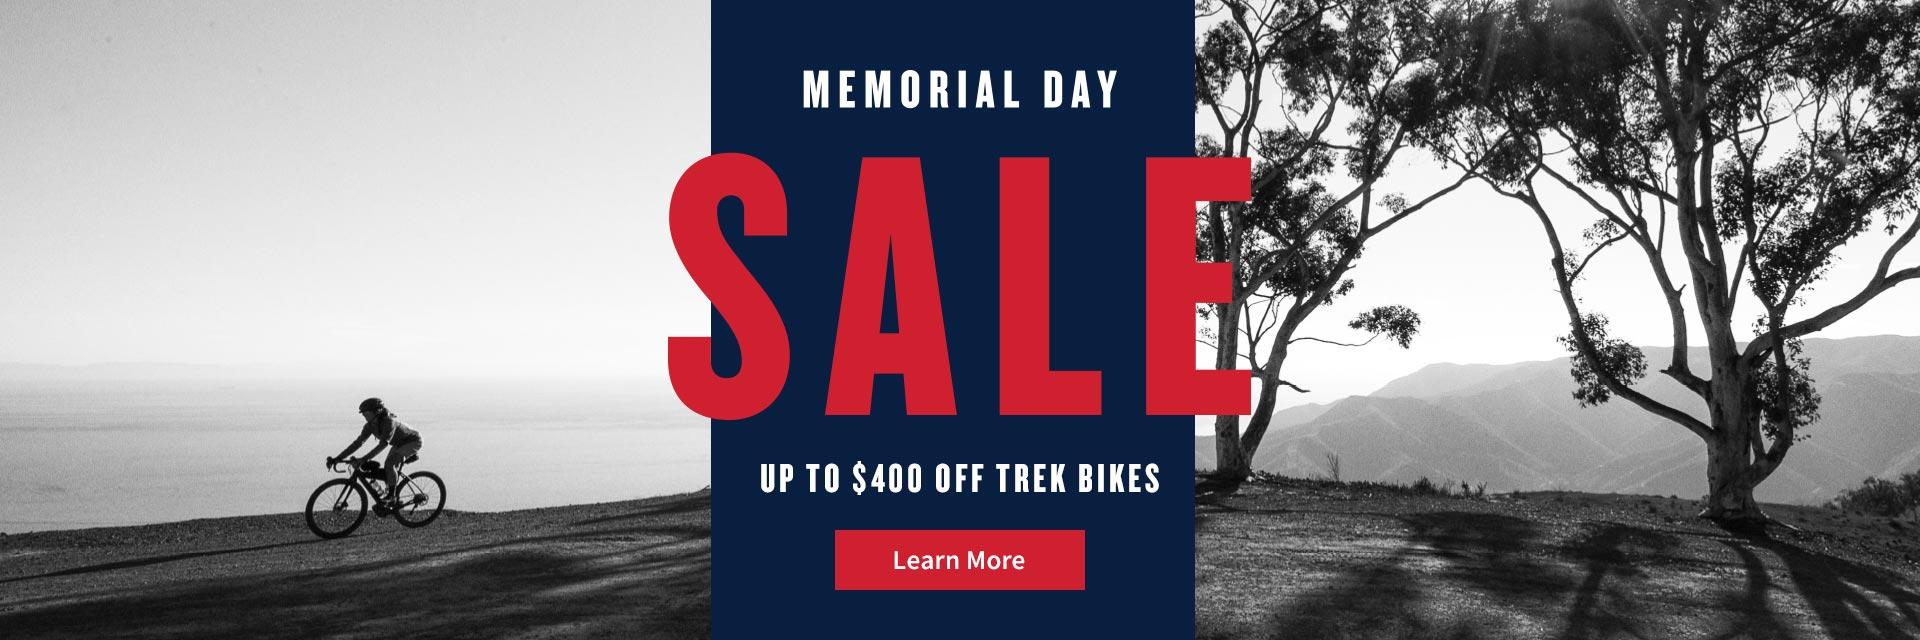 Trek Memorial Day Sale